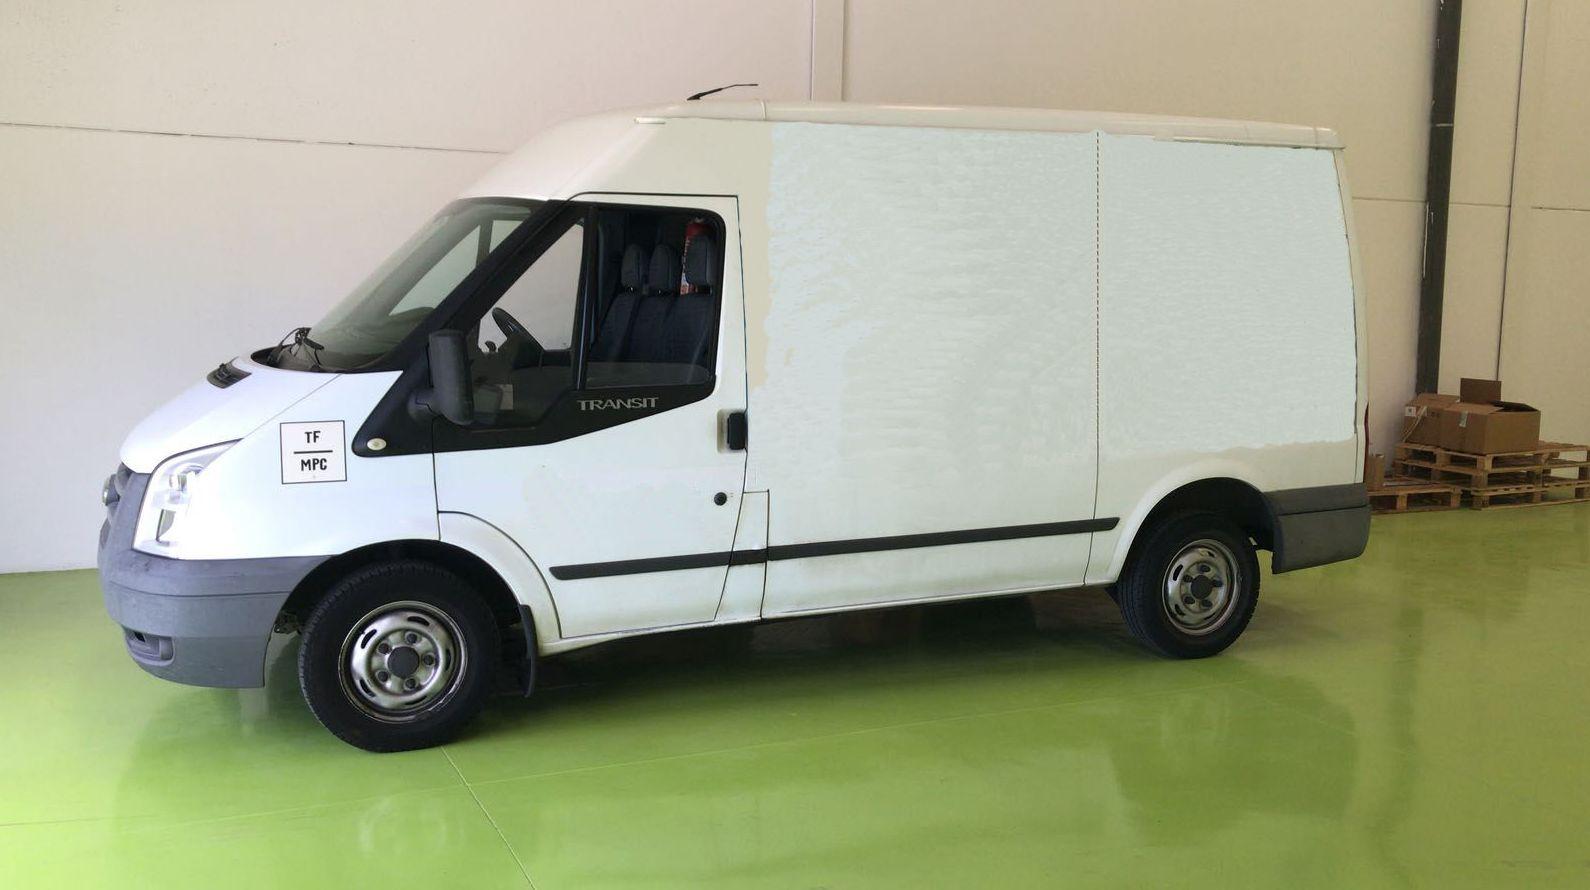 Vehículo de segunda mano a la venta CAR PLUS CANARIAS